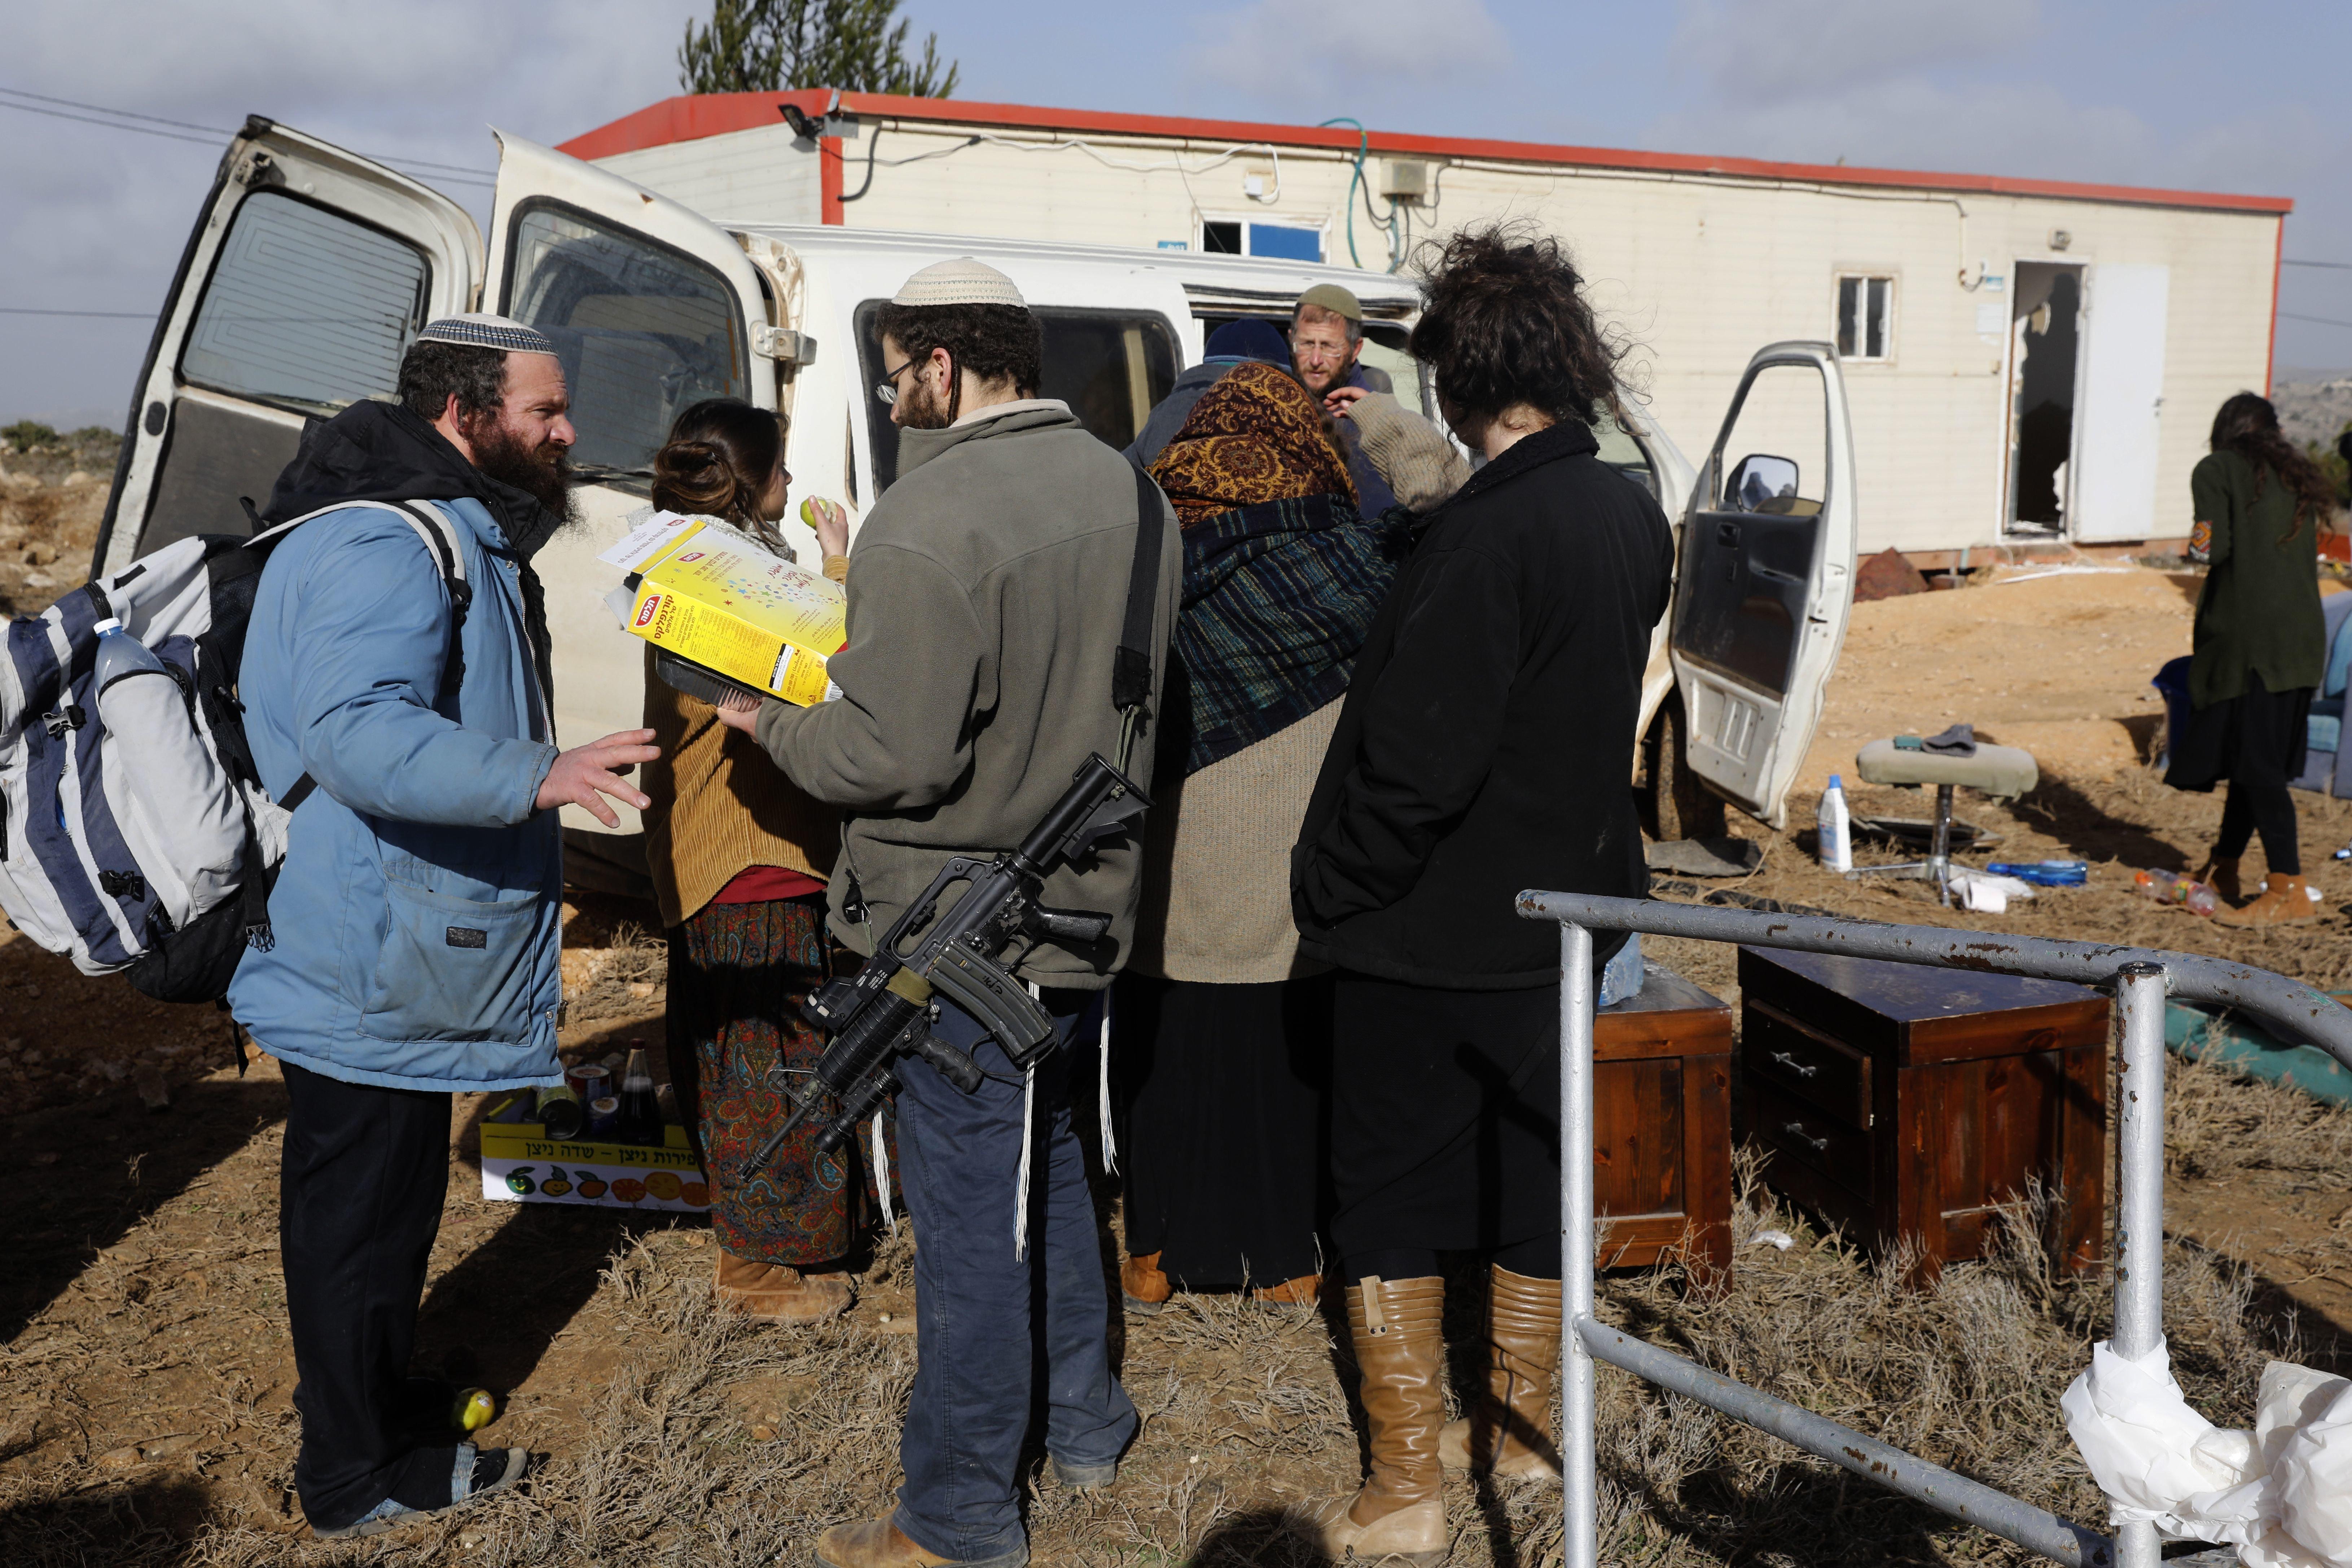 Les attaques d'extrémistes israéliens contre des Palestiniens ont augmenté de 300% en